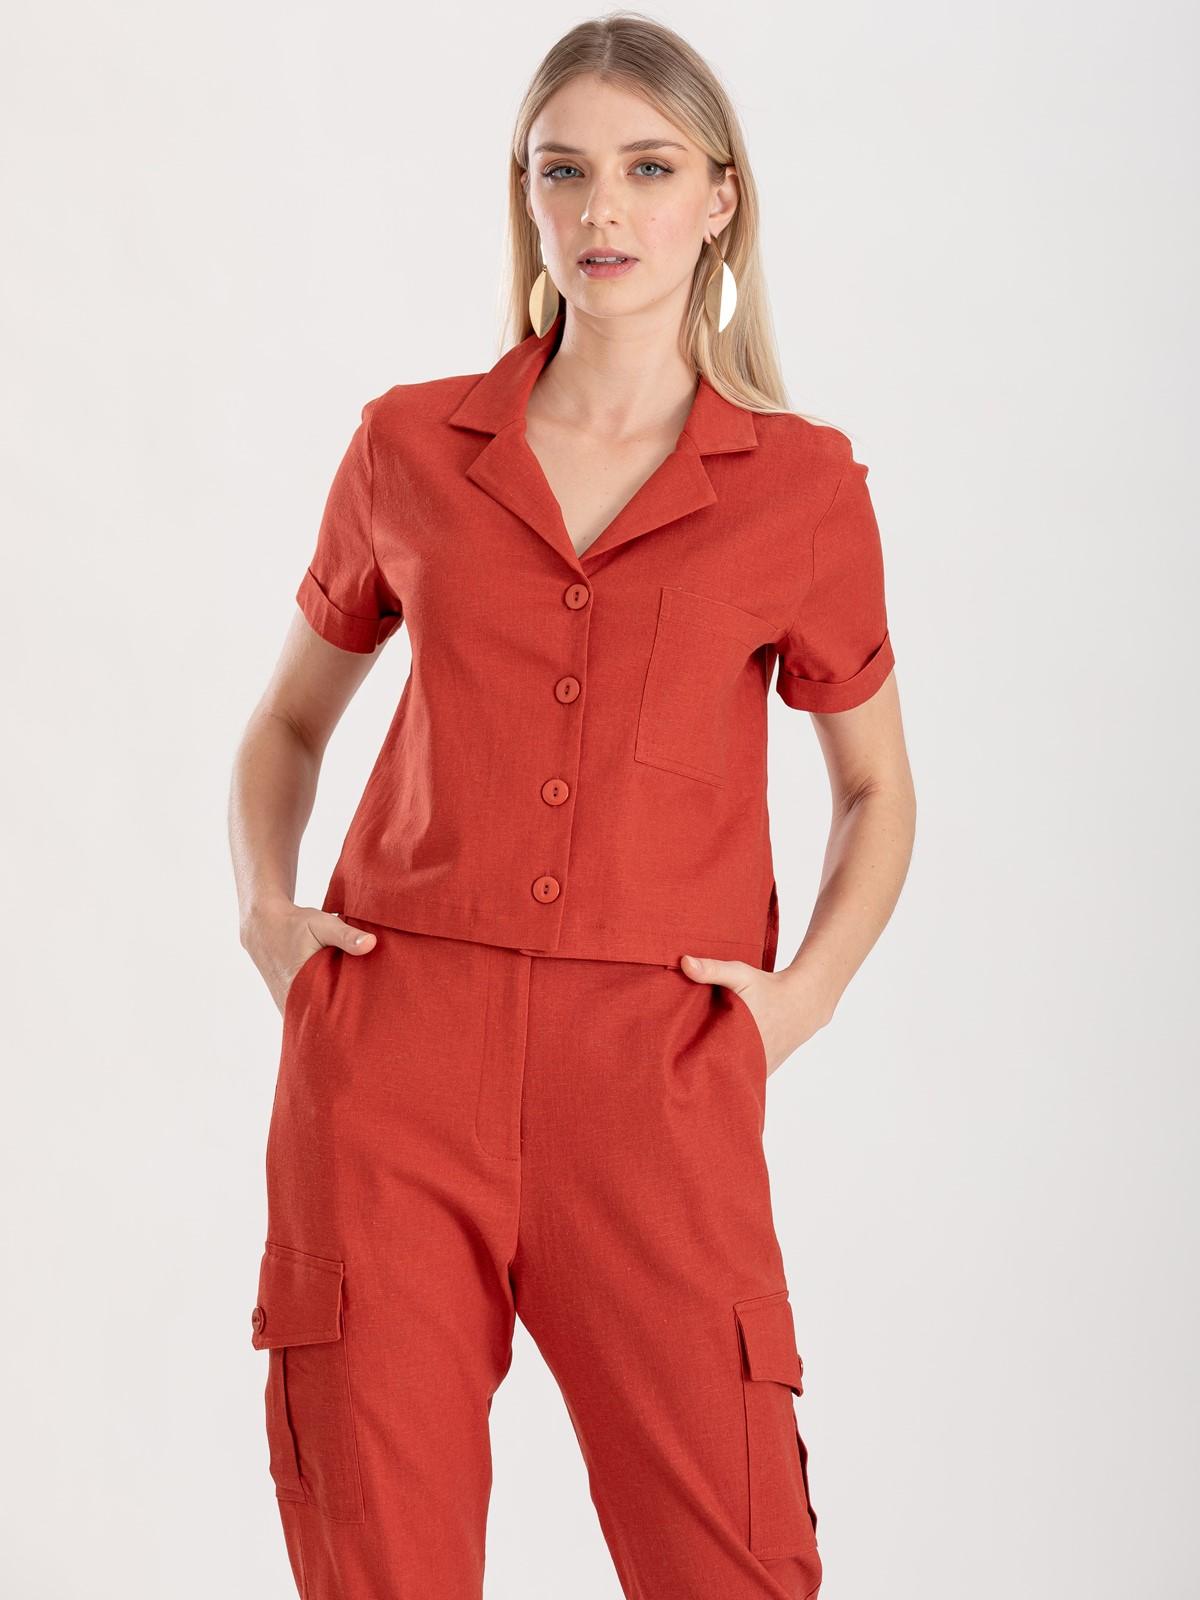 Camisa terracota Ref. F12314